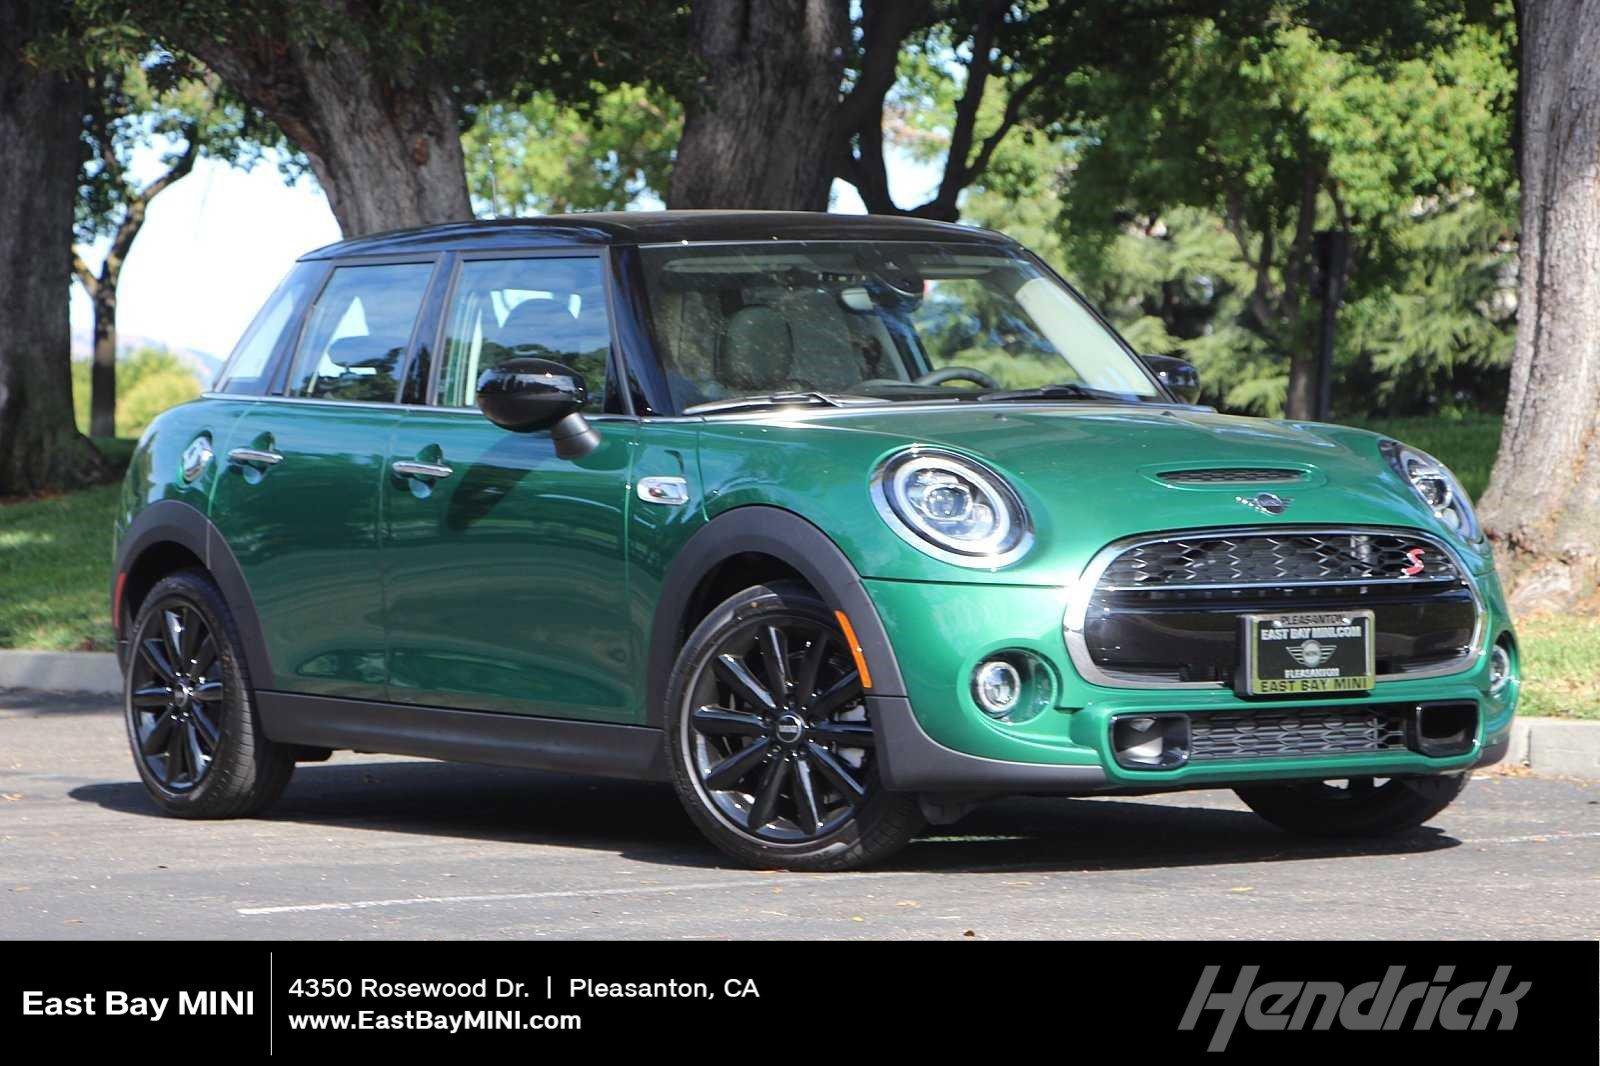 East Bay Mini >> New Mini Cooper For Sale In Pleasanton East Bay Mini